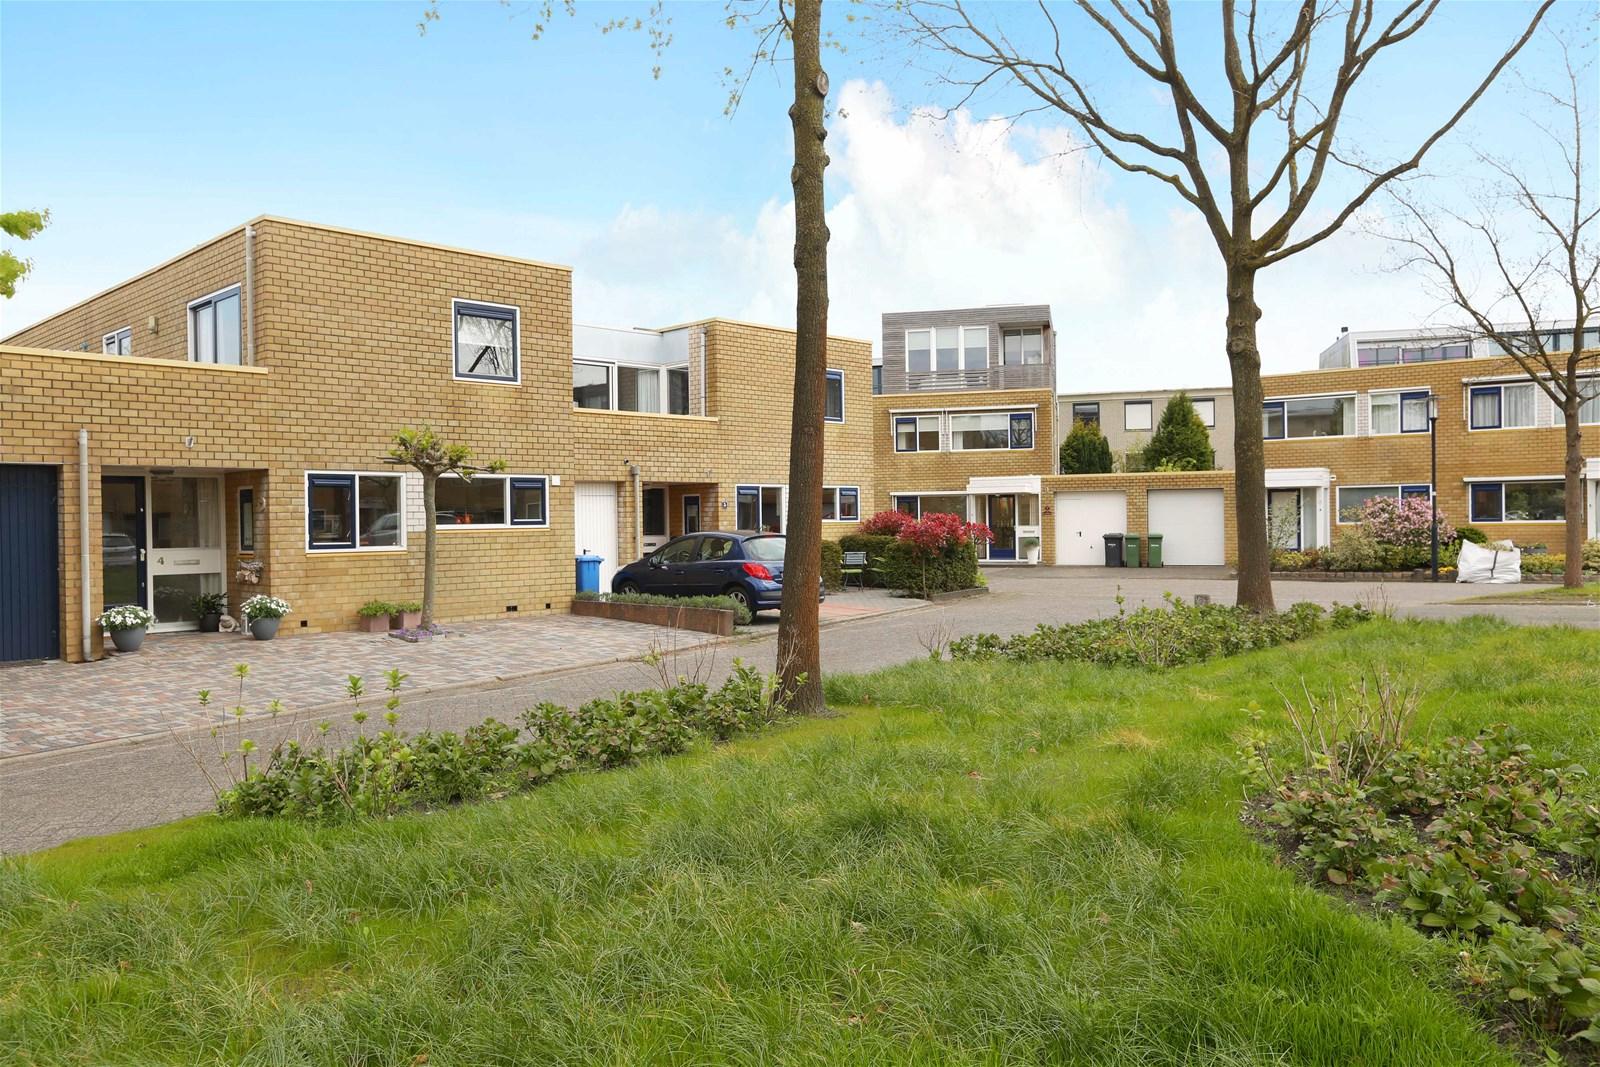 Deelerwoud 4 AMERSFOORT, Kattenbroek/Villabos - Marga van Knapen ...